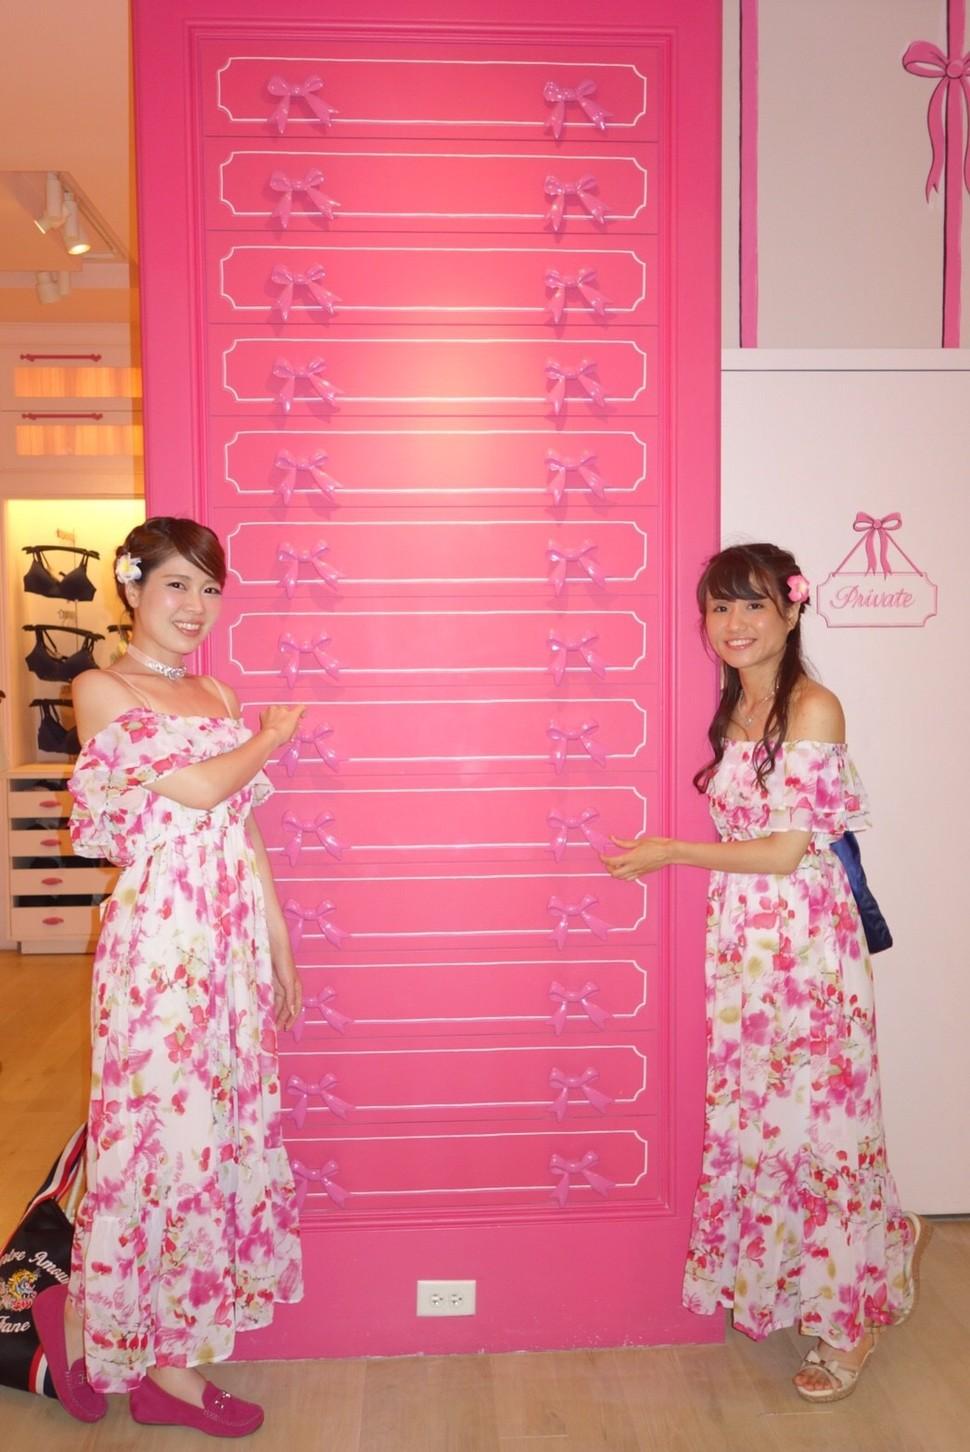 ハワイのビクトリアシークレットはフォトジェニック 見るだけでもオススメ ピンクだらけの店内 Playlife プレイライフ